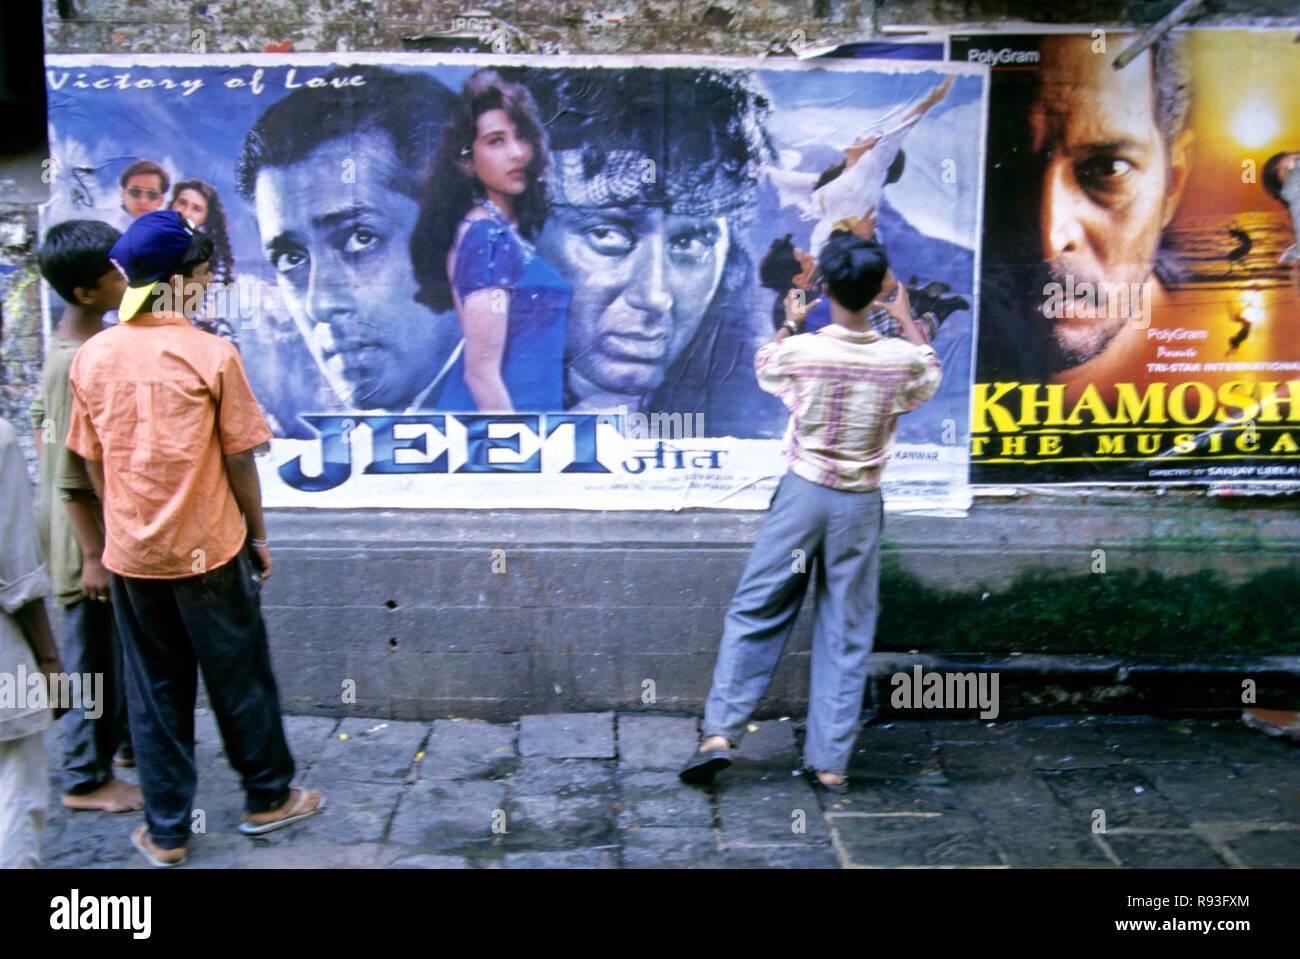 Indian Bollywood Hindi Film Poster Stock Photos & Indian Bollywood